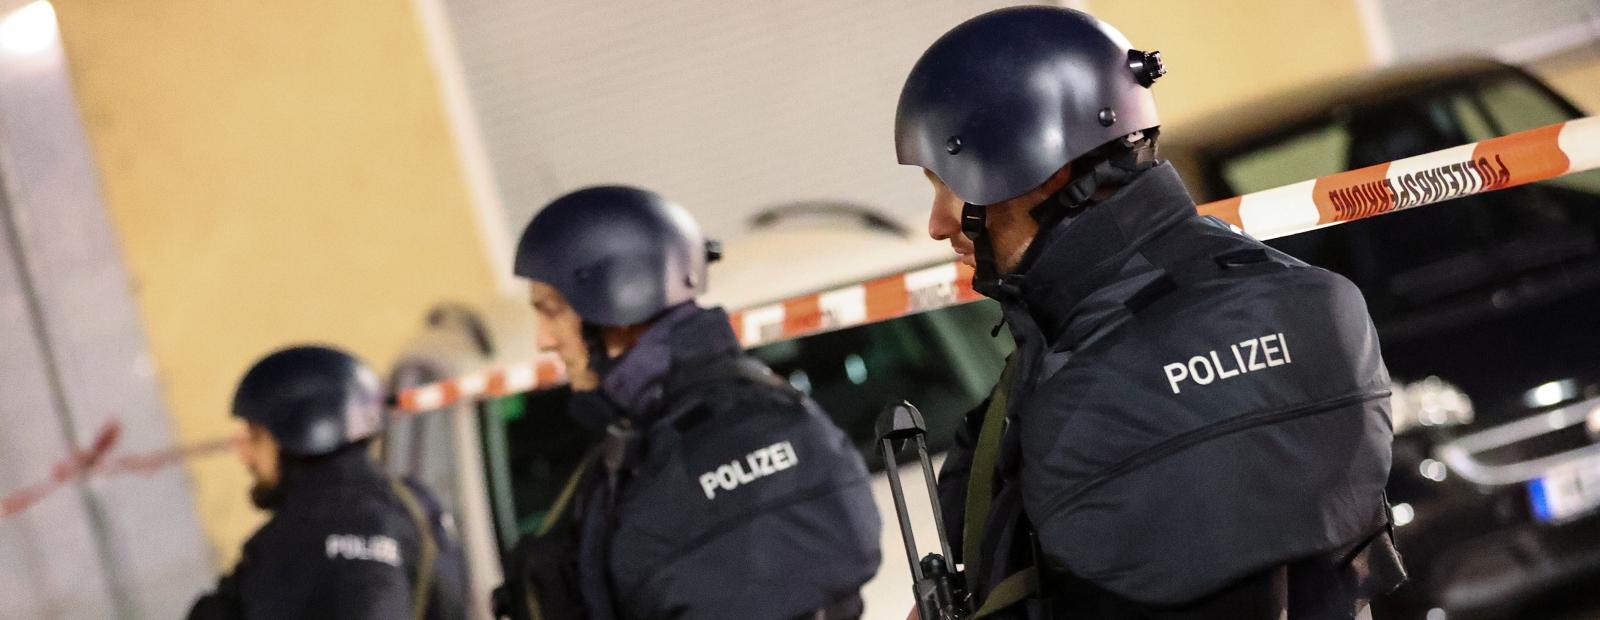 Apšaudēs Vācijas pilsētā nogalināti vairāki cilvēki